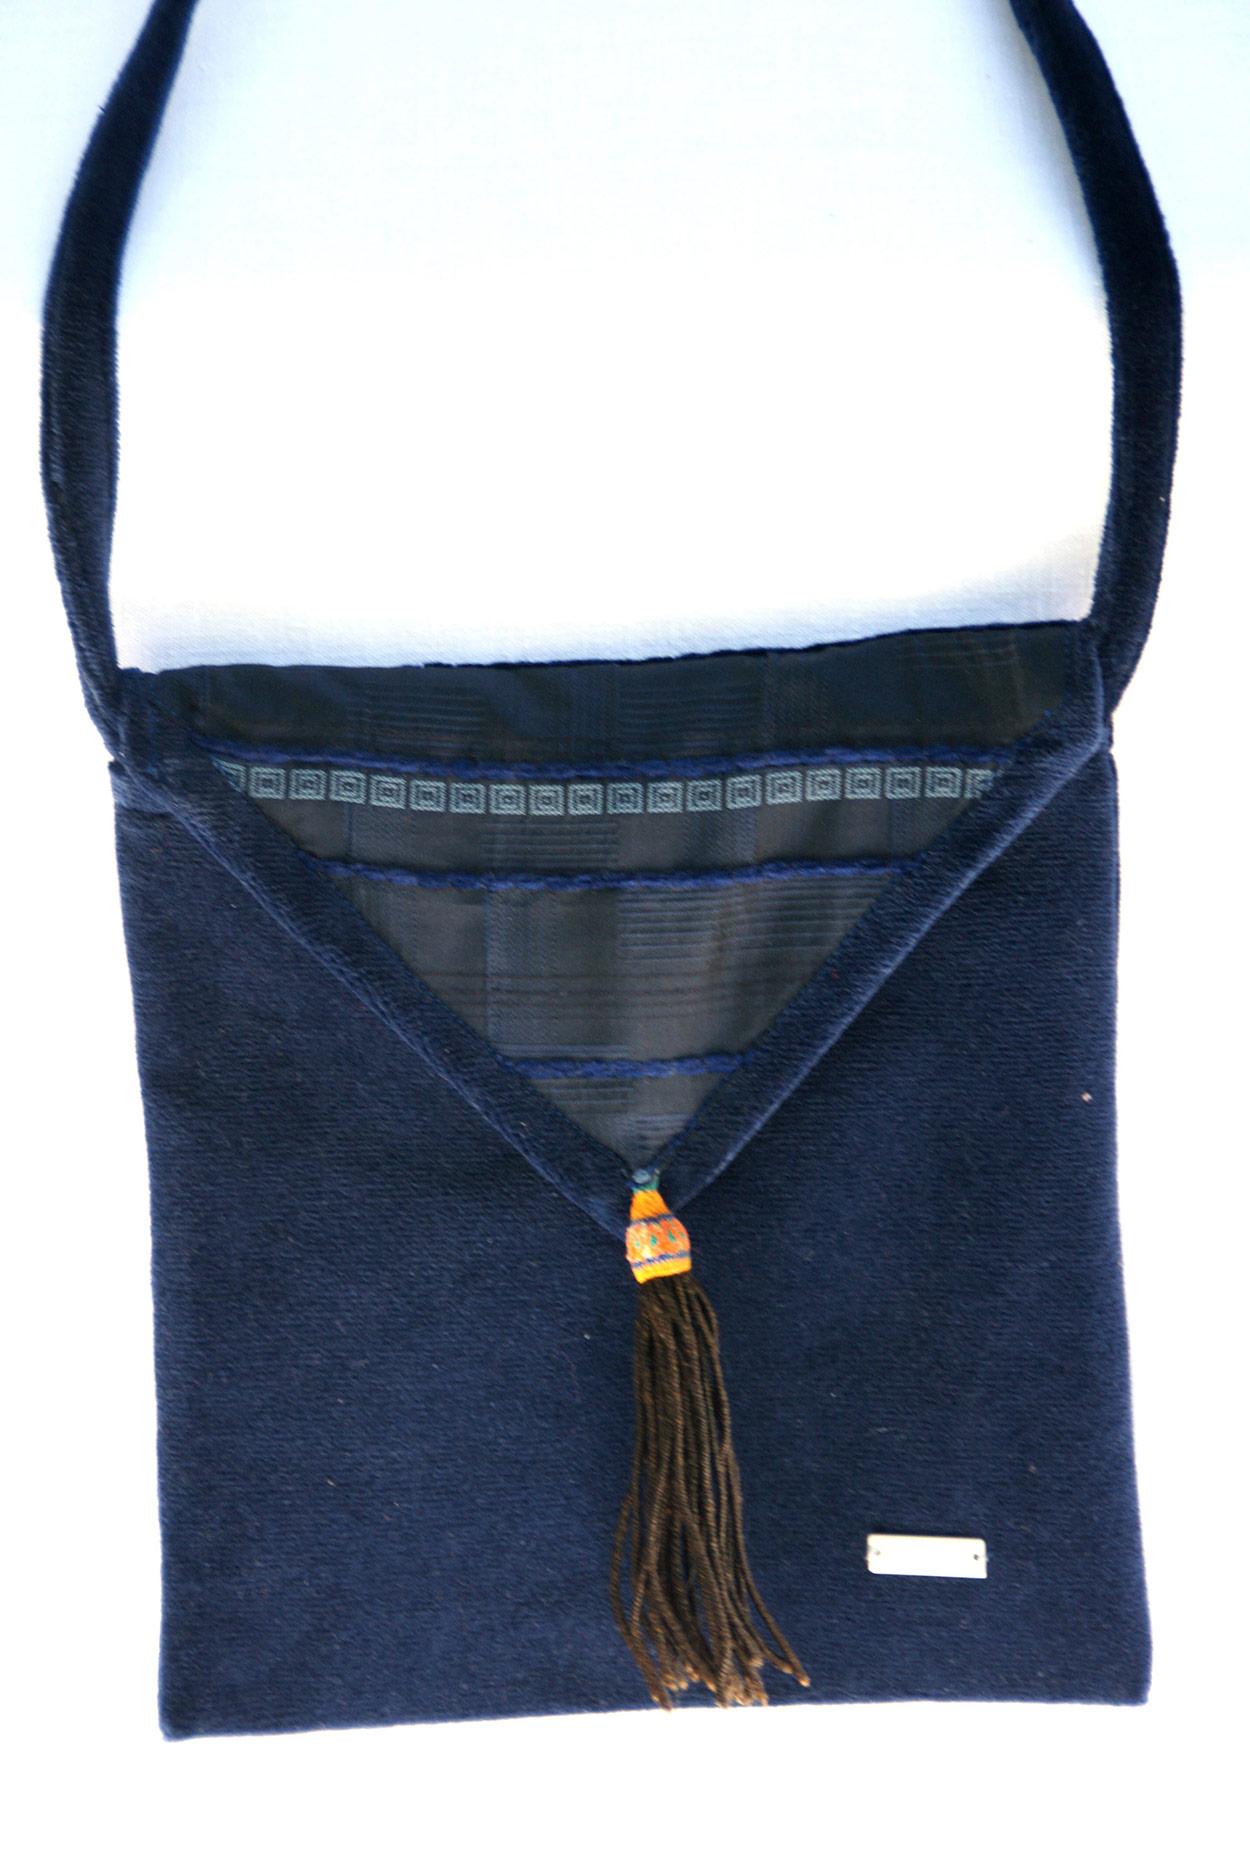 Kuverttaschen-(1)